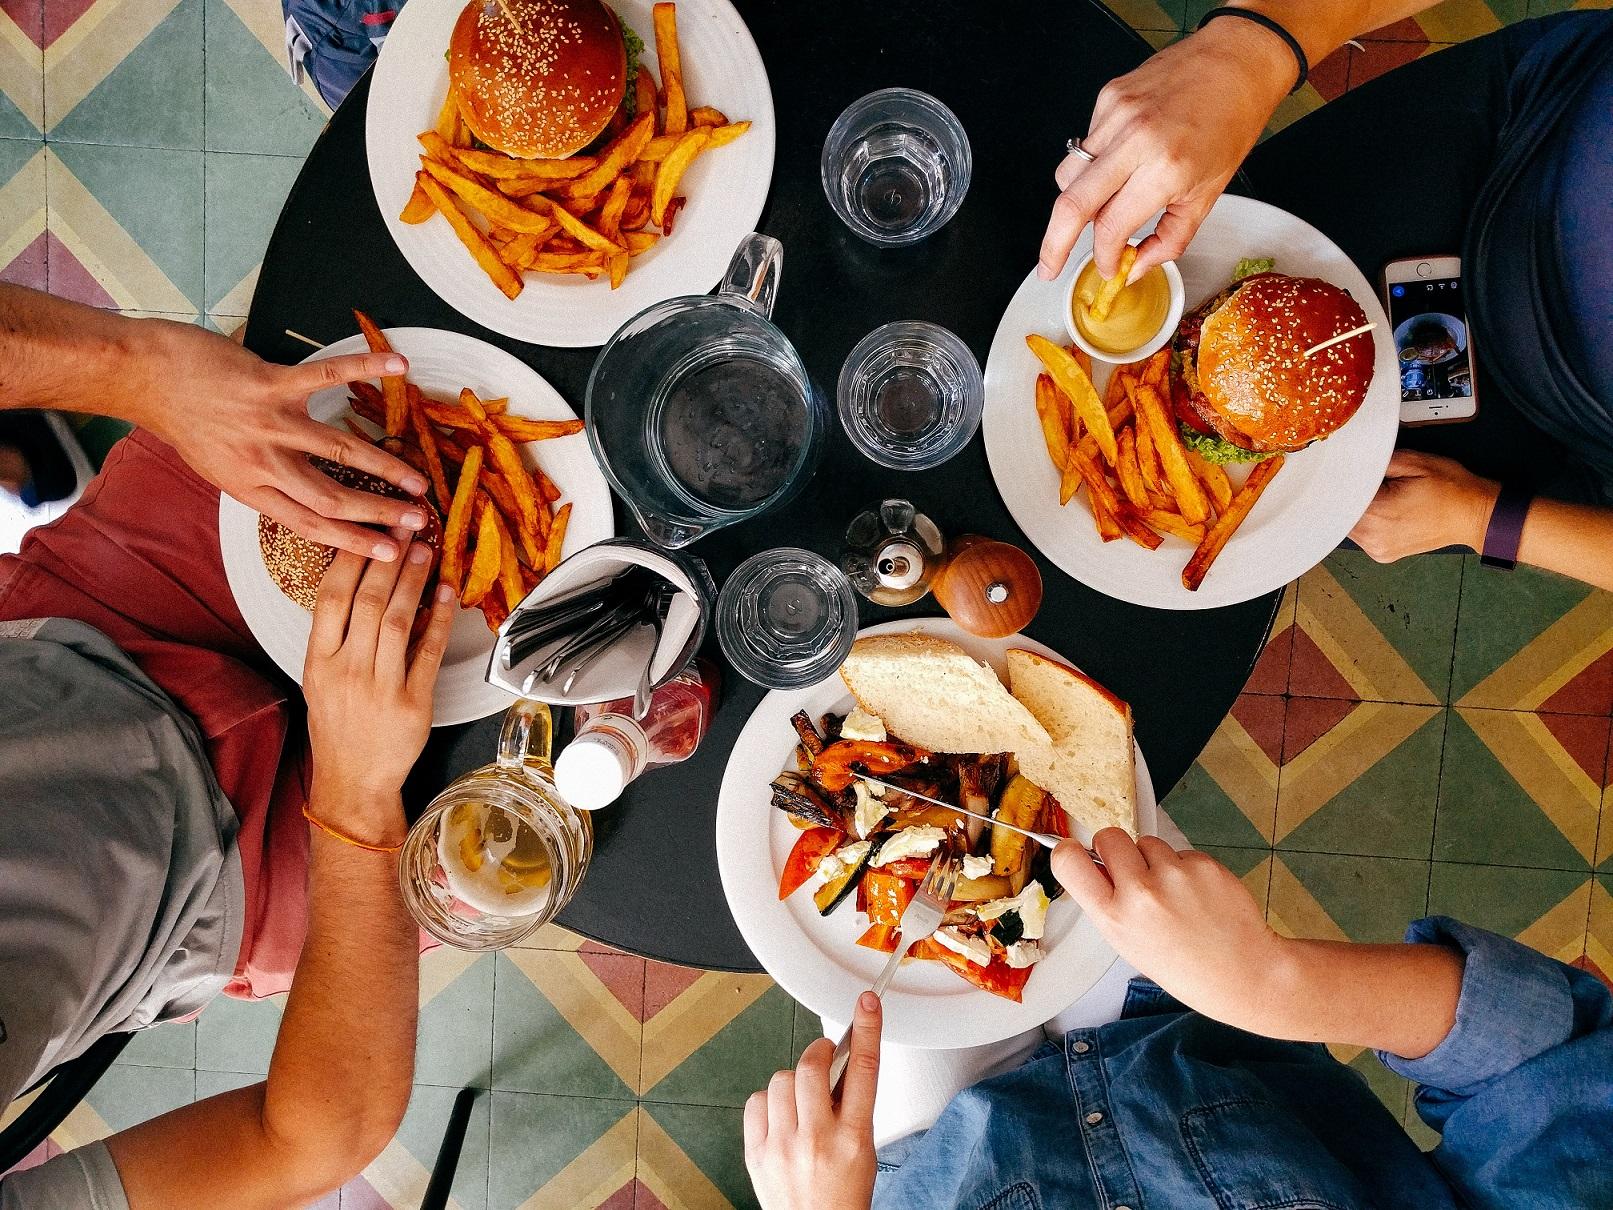 Compulsão alimentar: nutricionista esclarece os mitos e verdades - Foto: Unsplash/Dan Gold